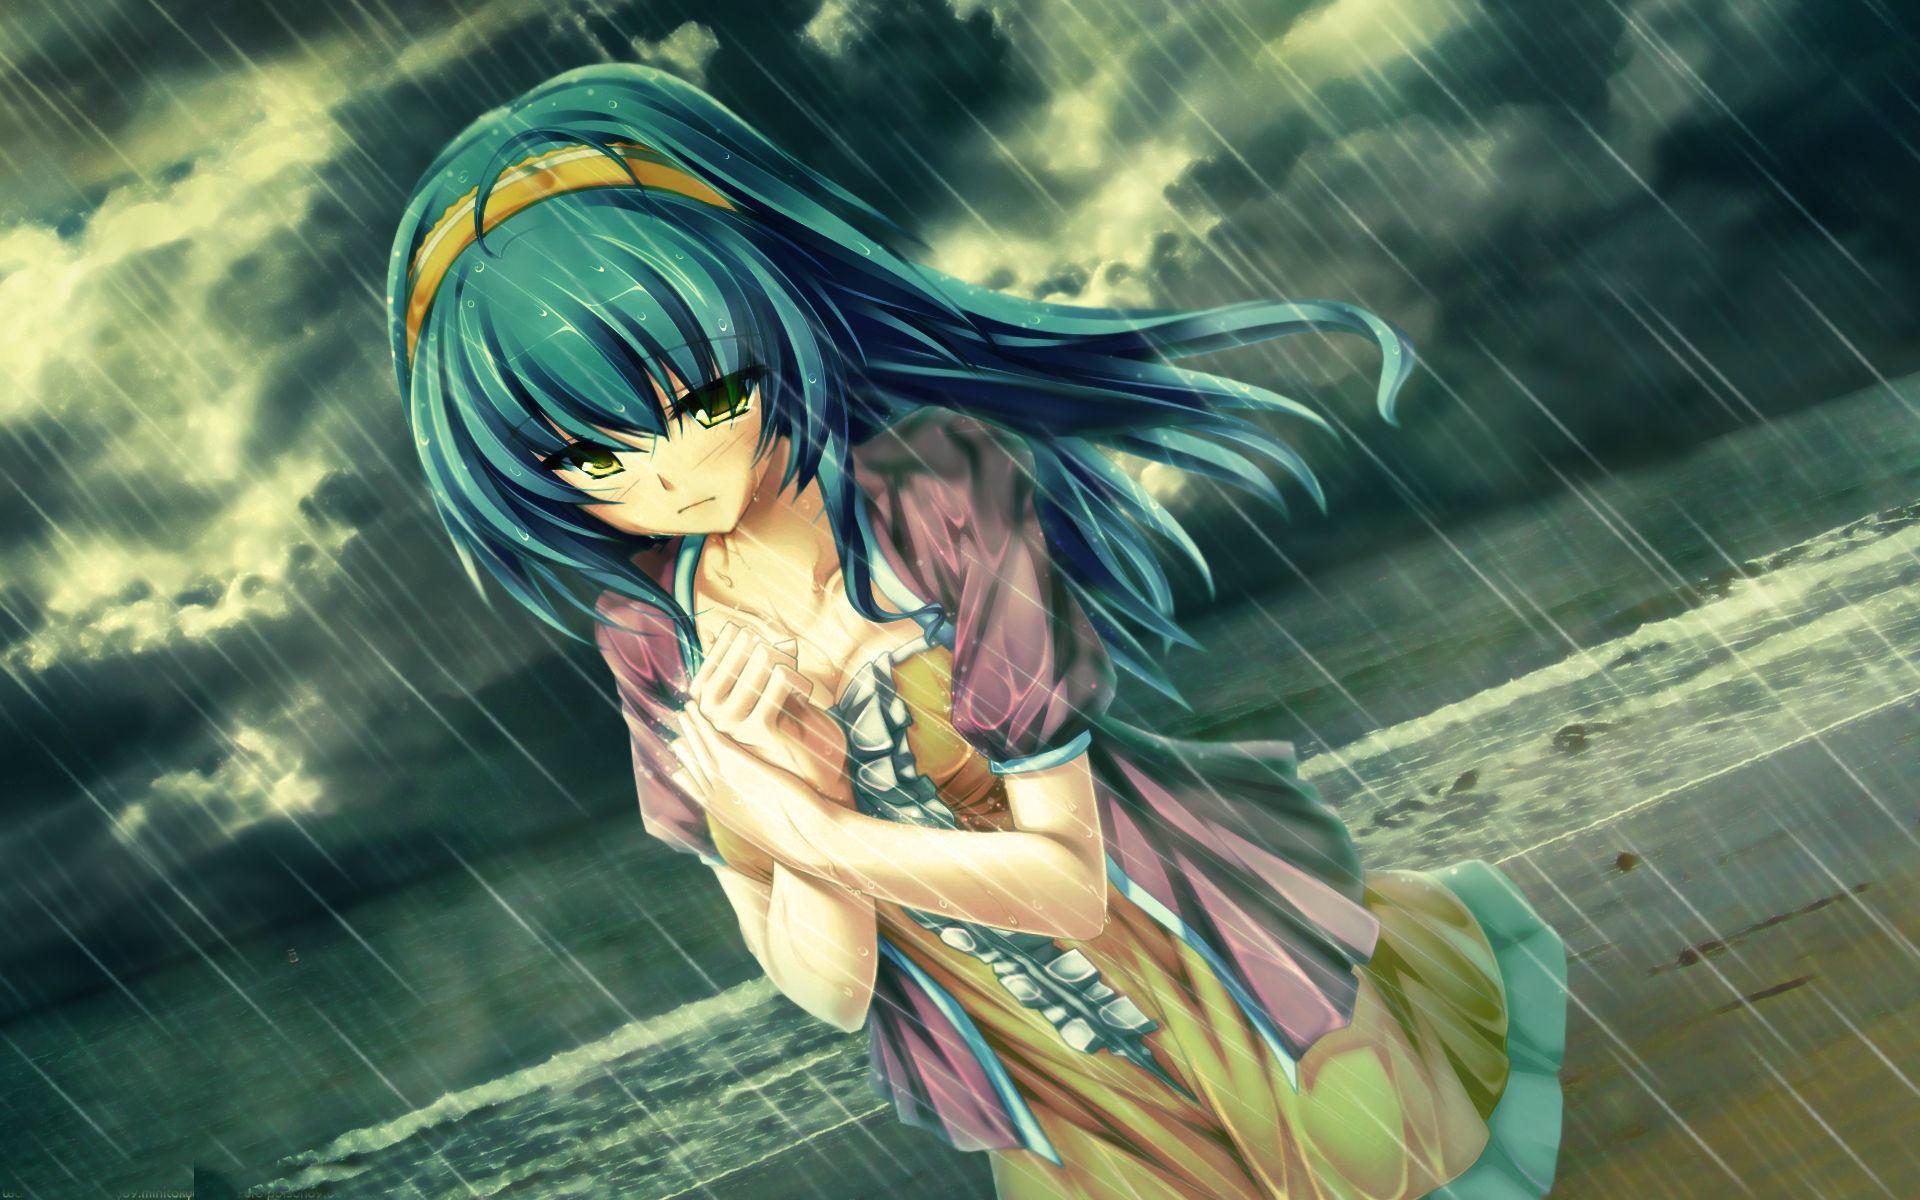 Ảnh đẹp Anime buồn dưới mưa